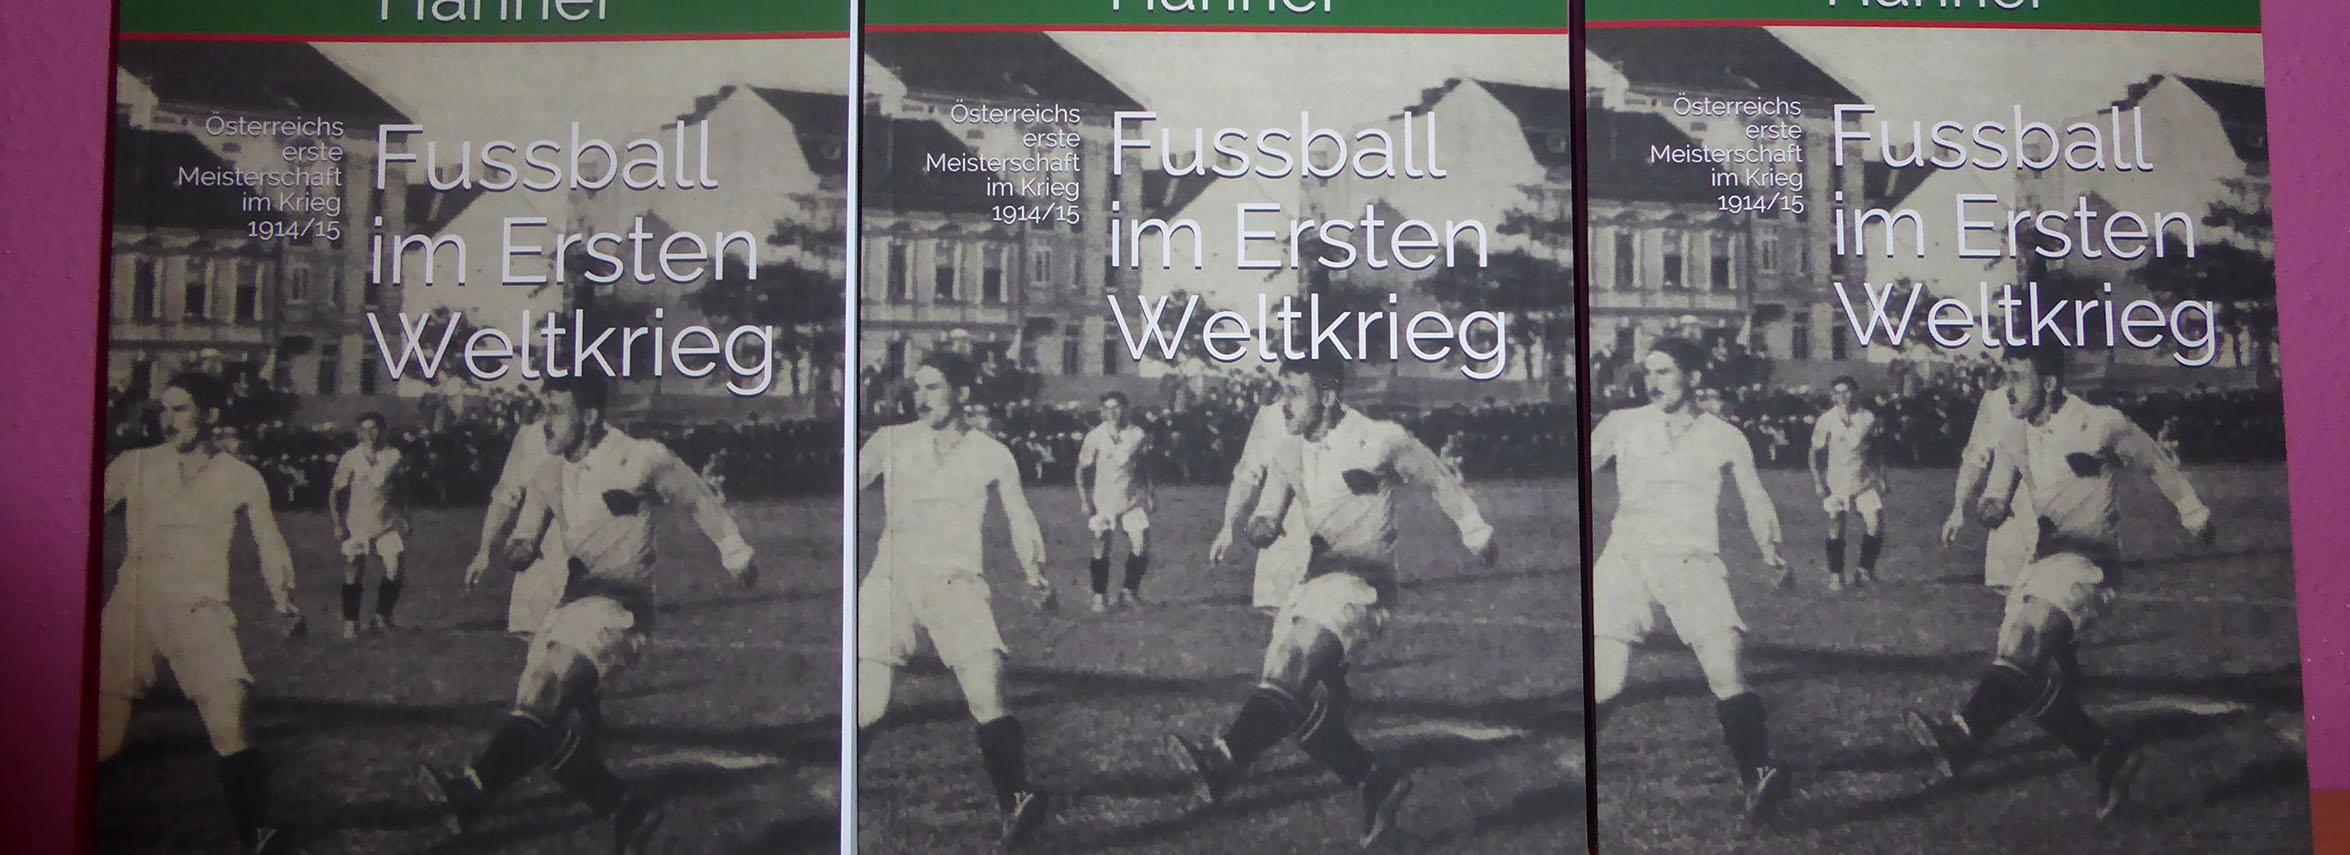 Fussball im Ersten Weltkrieg